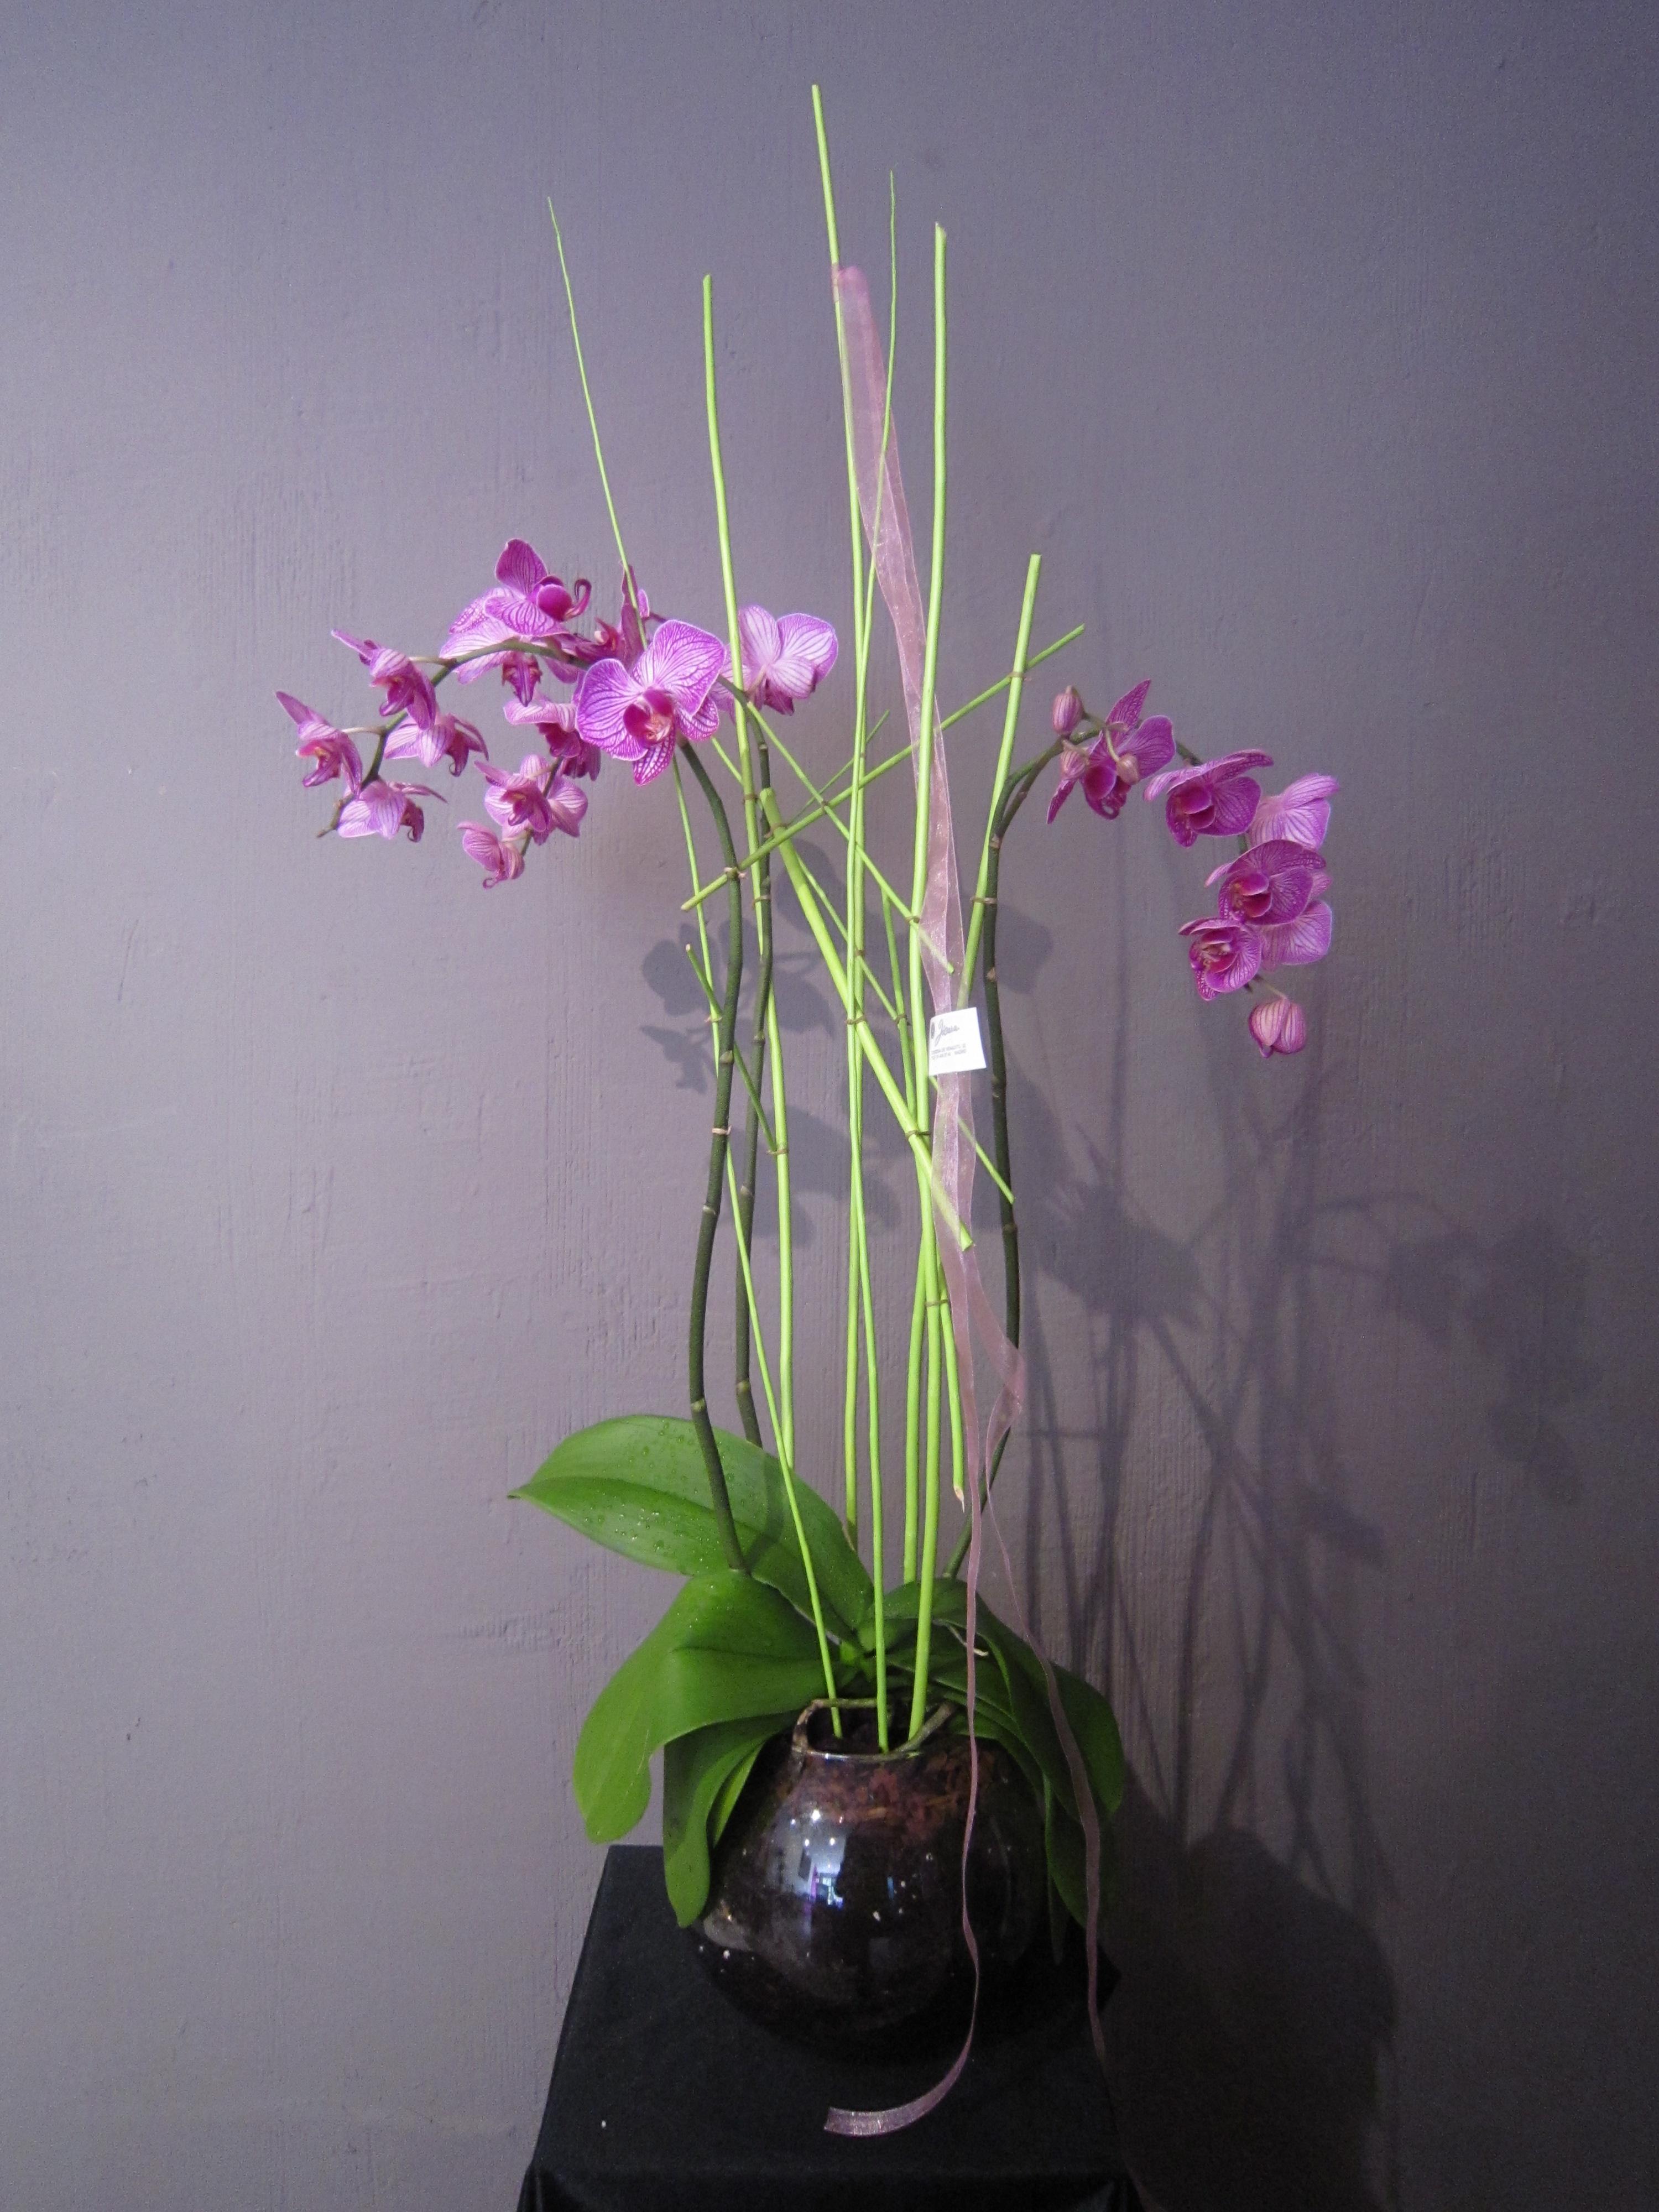 Arreglo de orquídeas en cristal (Ref 311)